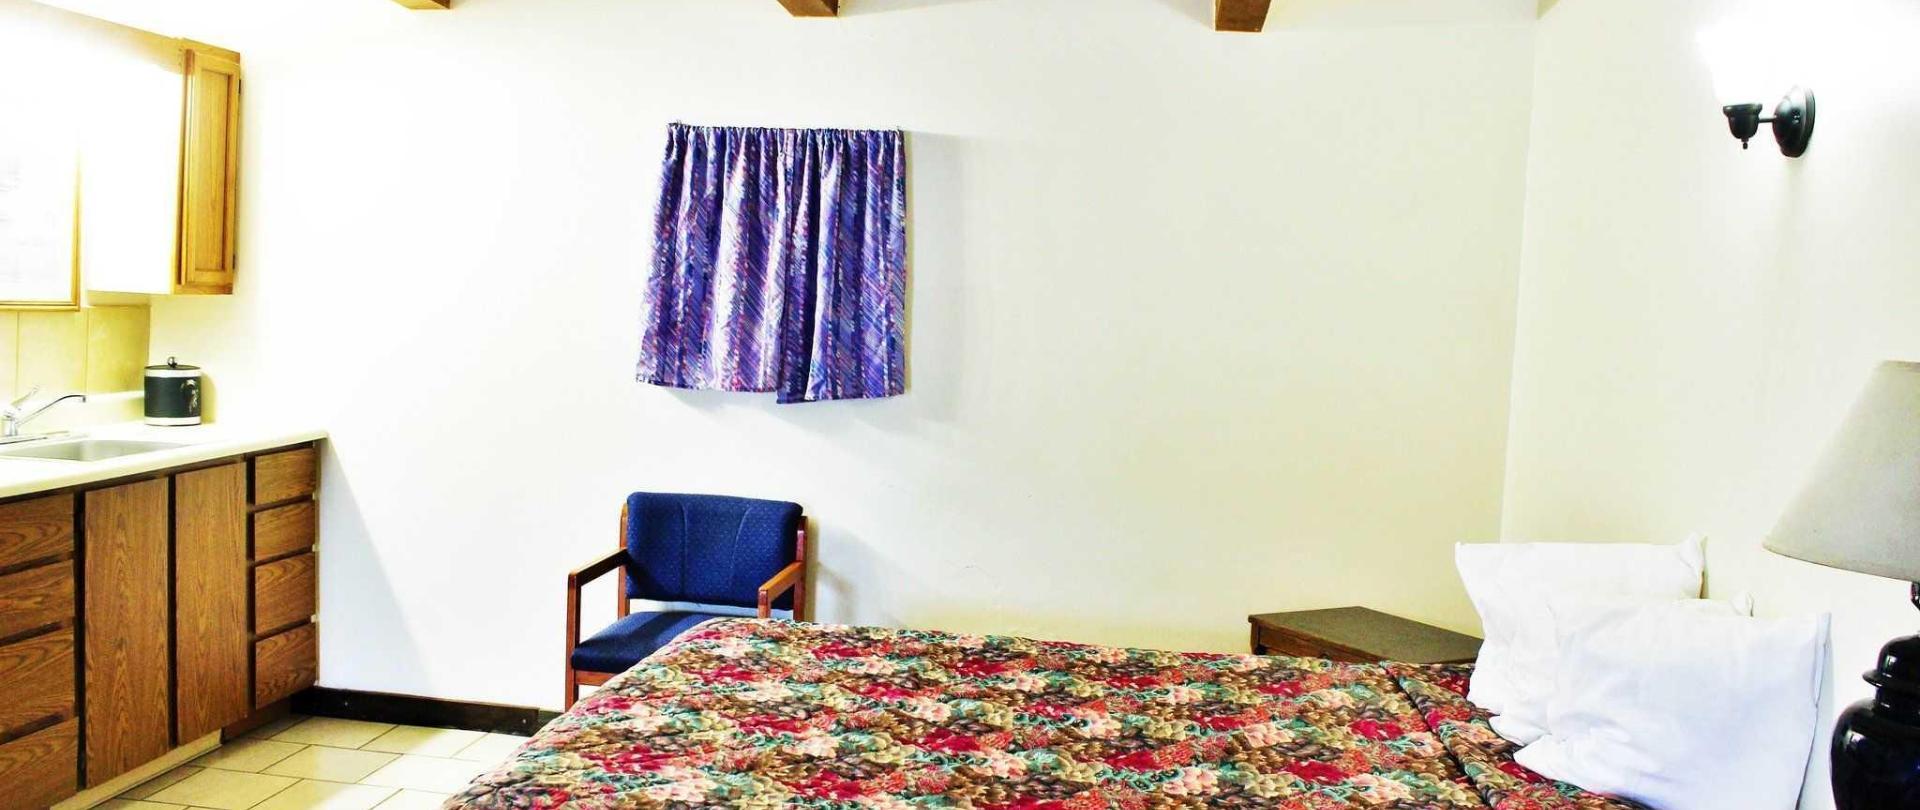 kitchen-room-219.JPG